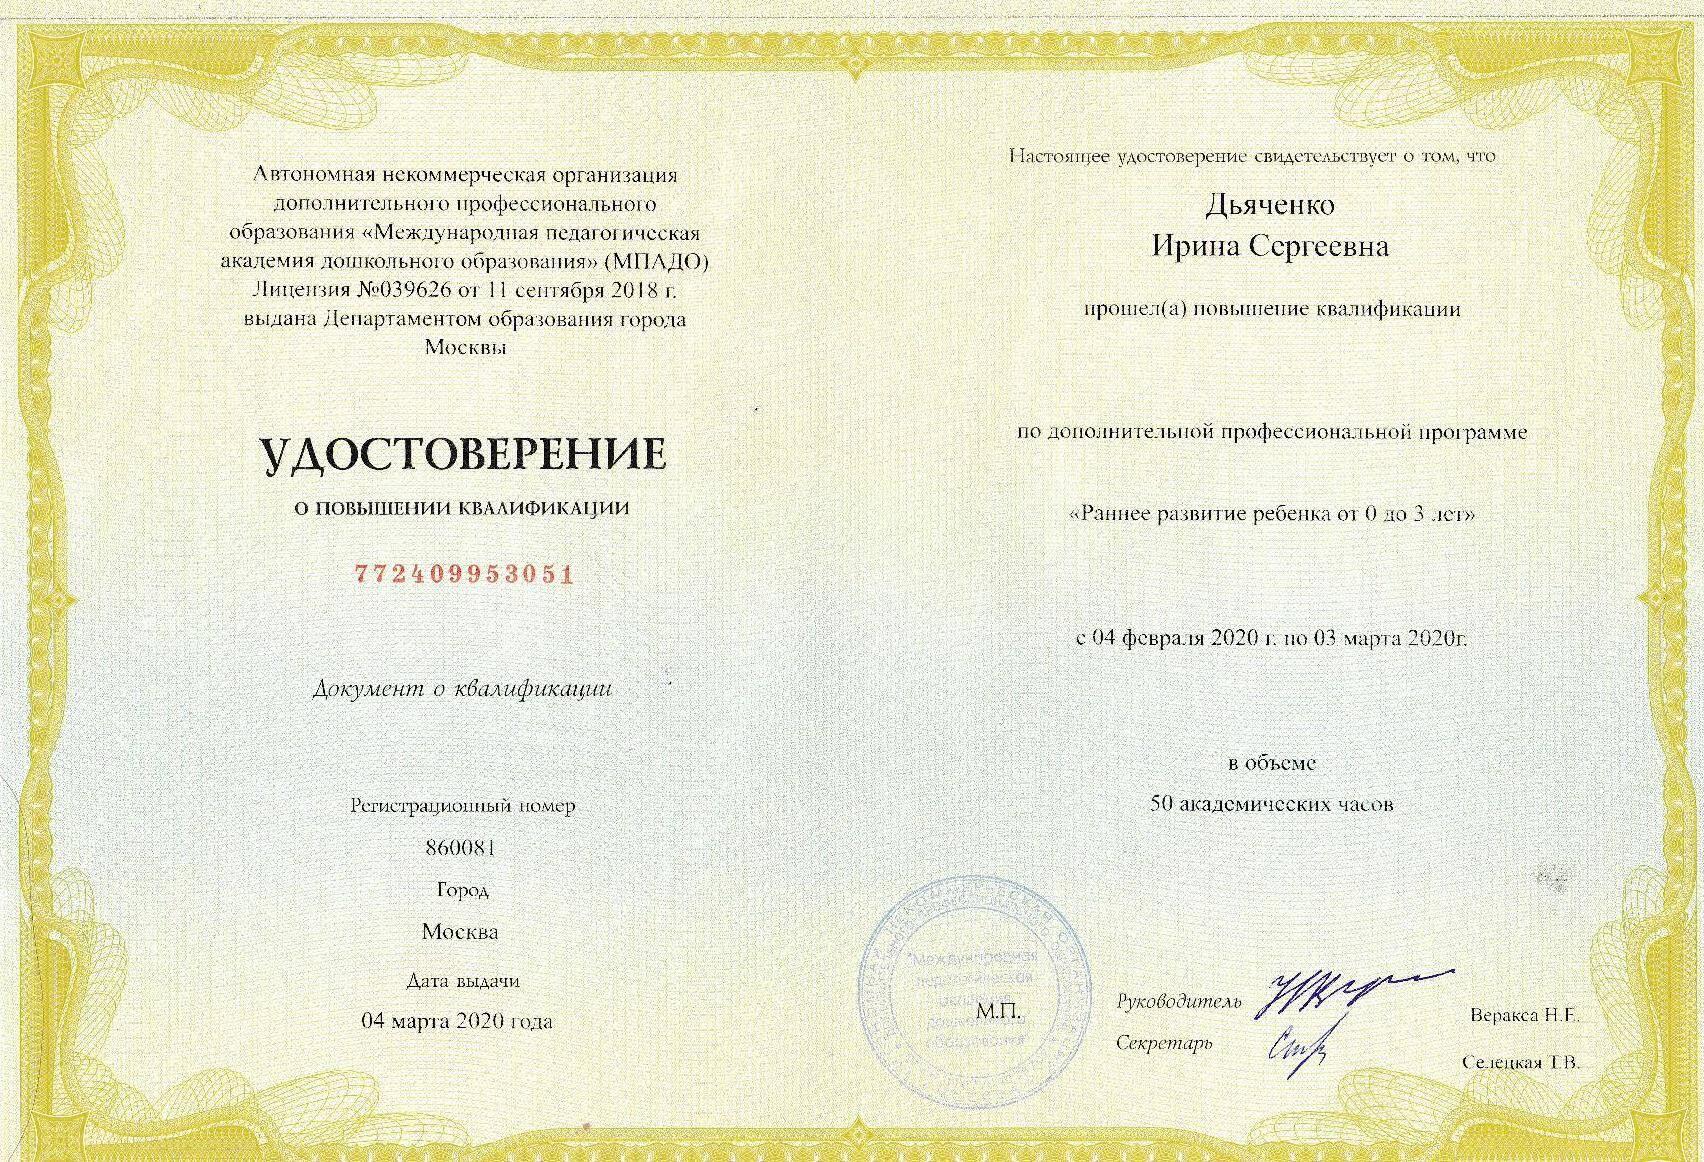 2020 Раннее развитие детей Дьяченко И.С.